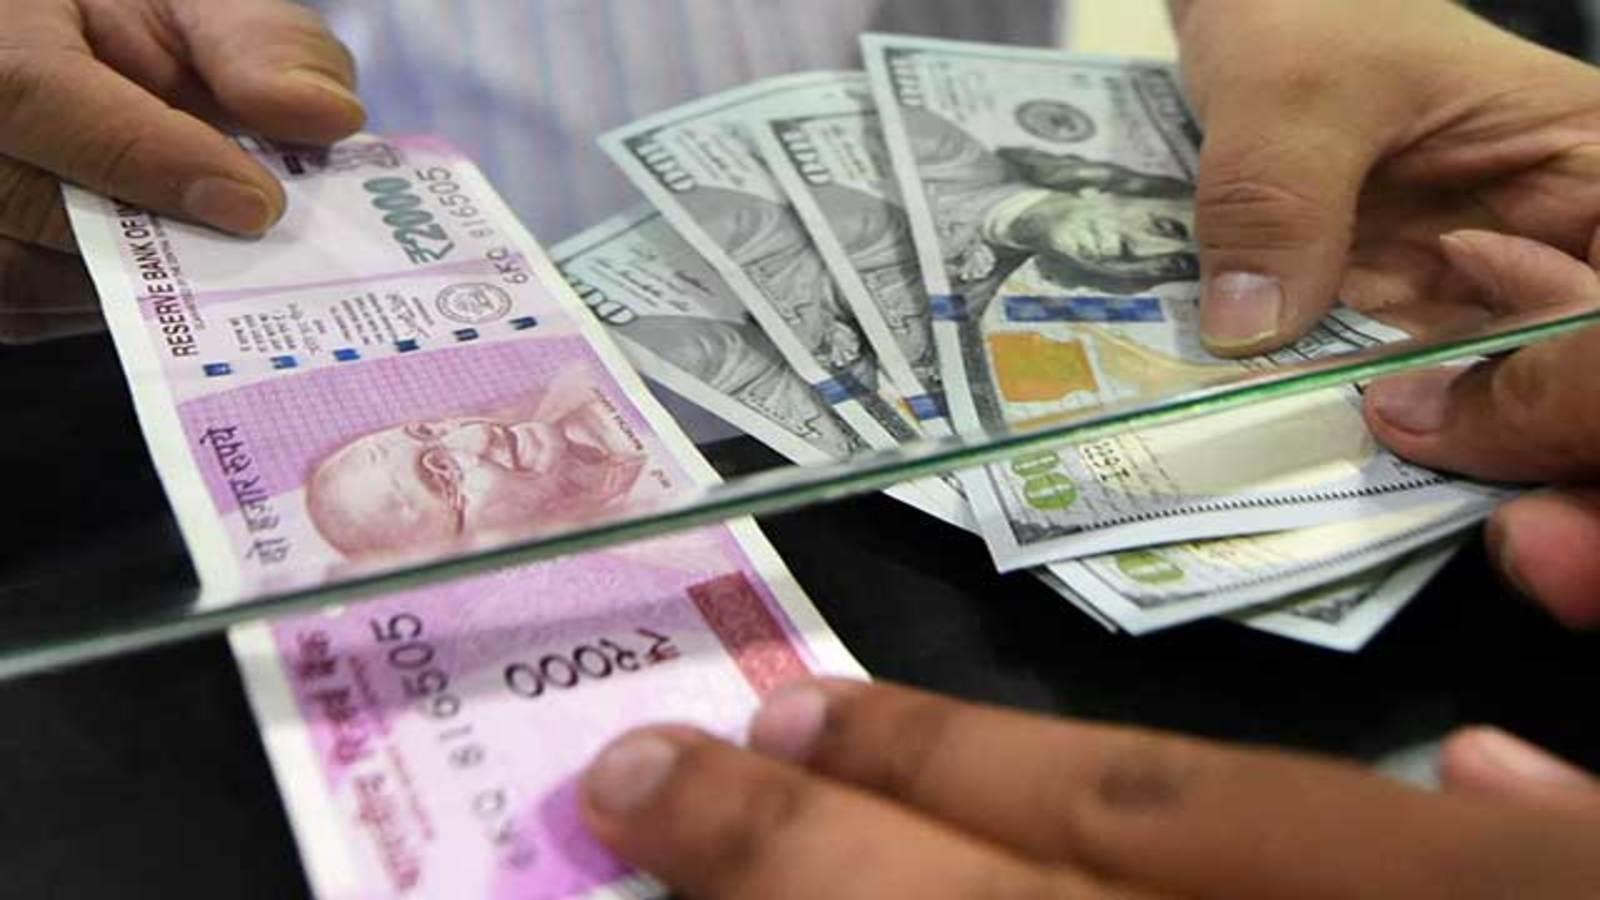 ડોલર સામે રૂપિયો 5 મહિનામાં સૌથી વધારે થયો મજબૂત, આ છે તેનું કારણ